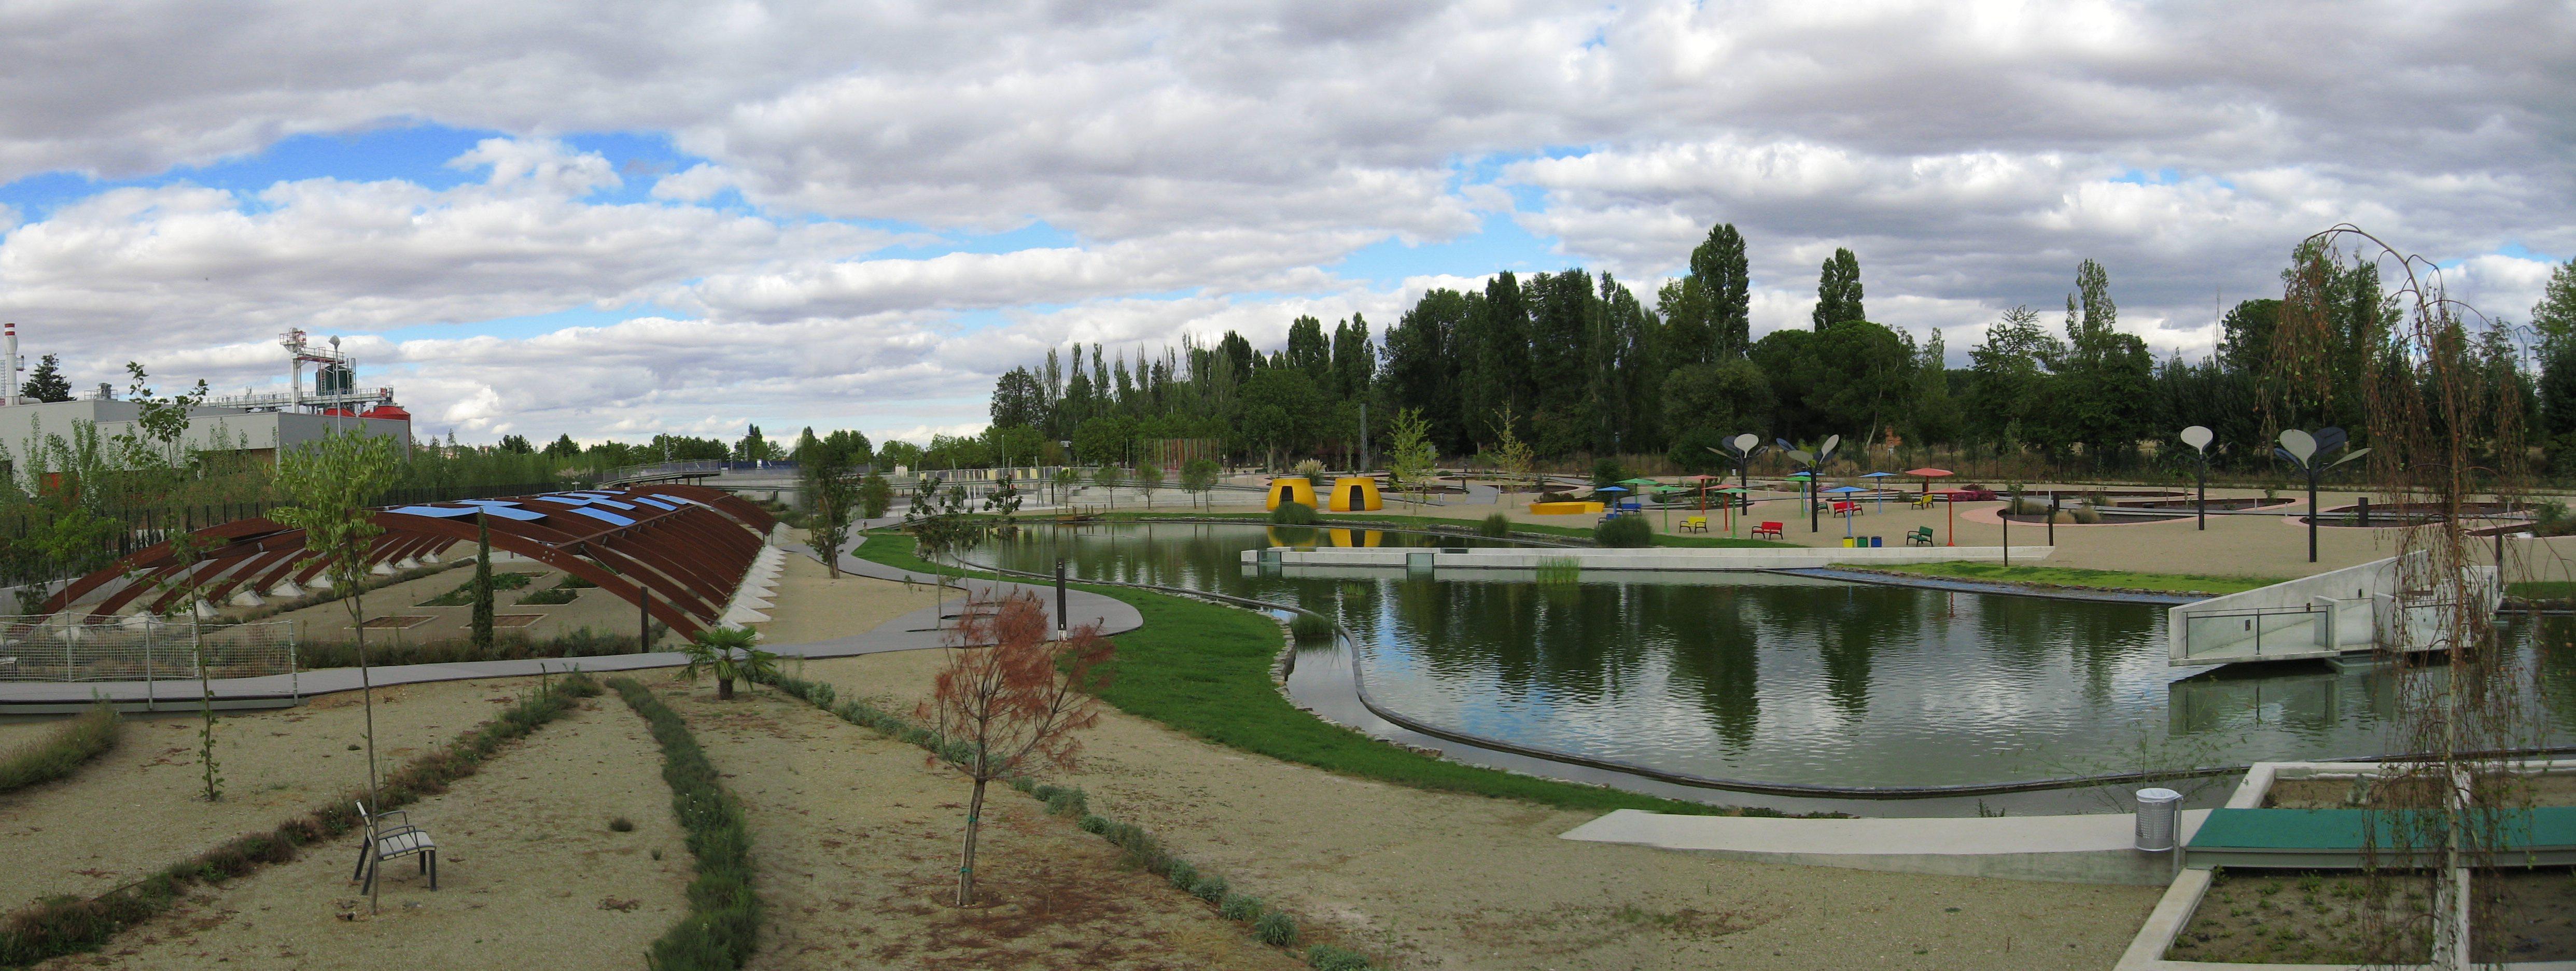 Vista general del Parque ambiental